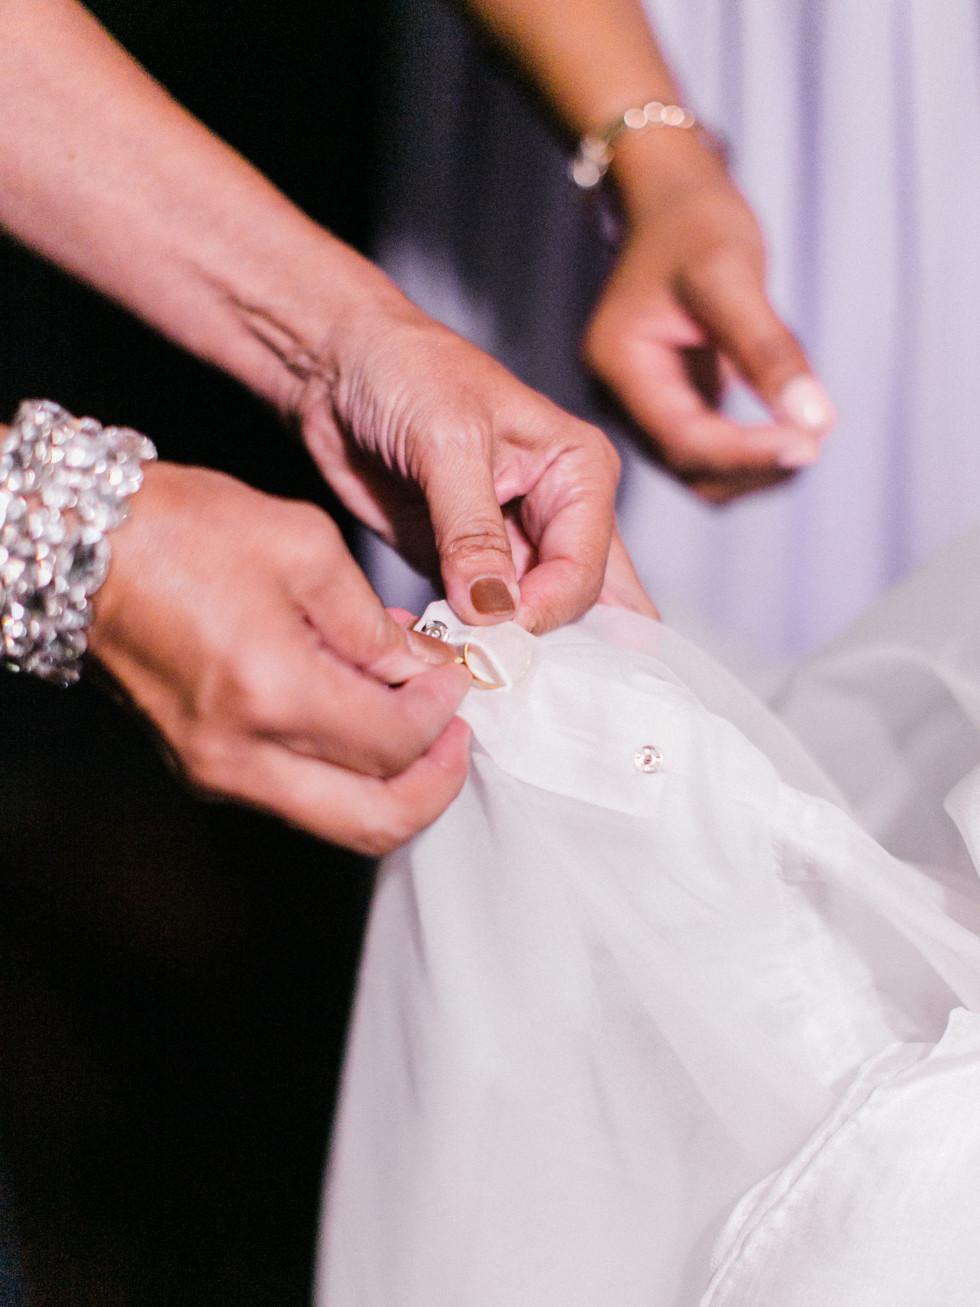 Wonderful Weddings, Kendhal Gardner, Feb. 2016, grandmother's ring